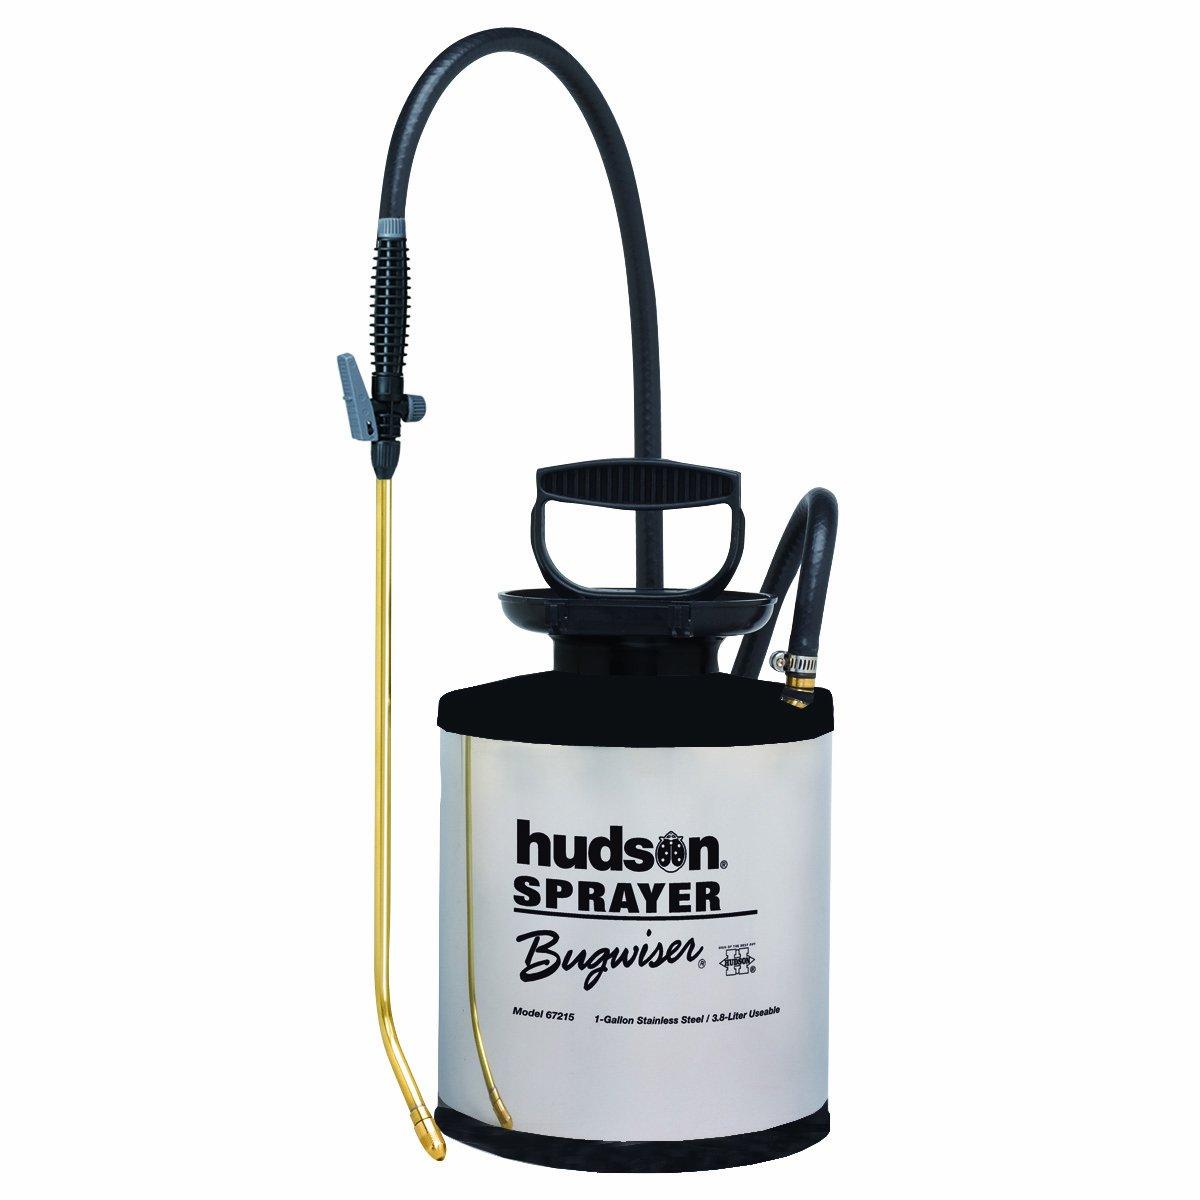 Hudson 67215 Bugwiser Stainless Steel 1 Gallon Sprayer